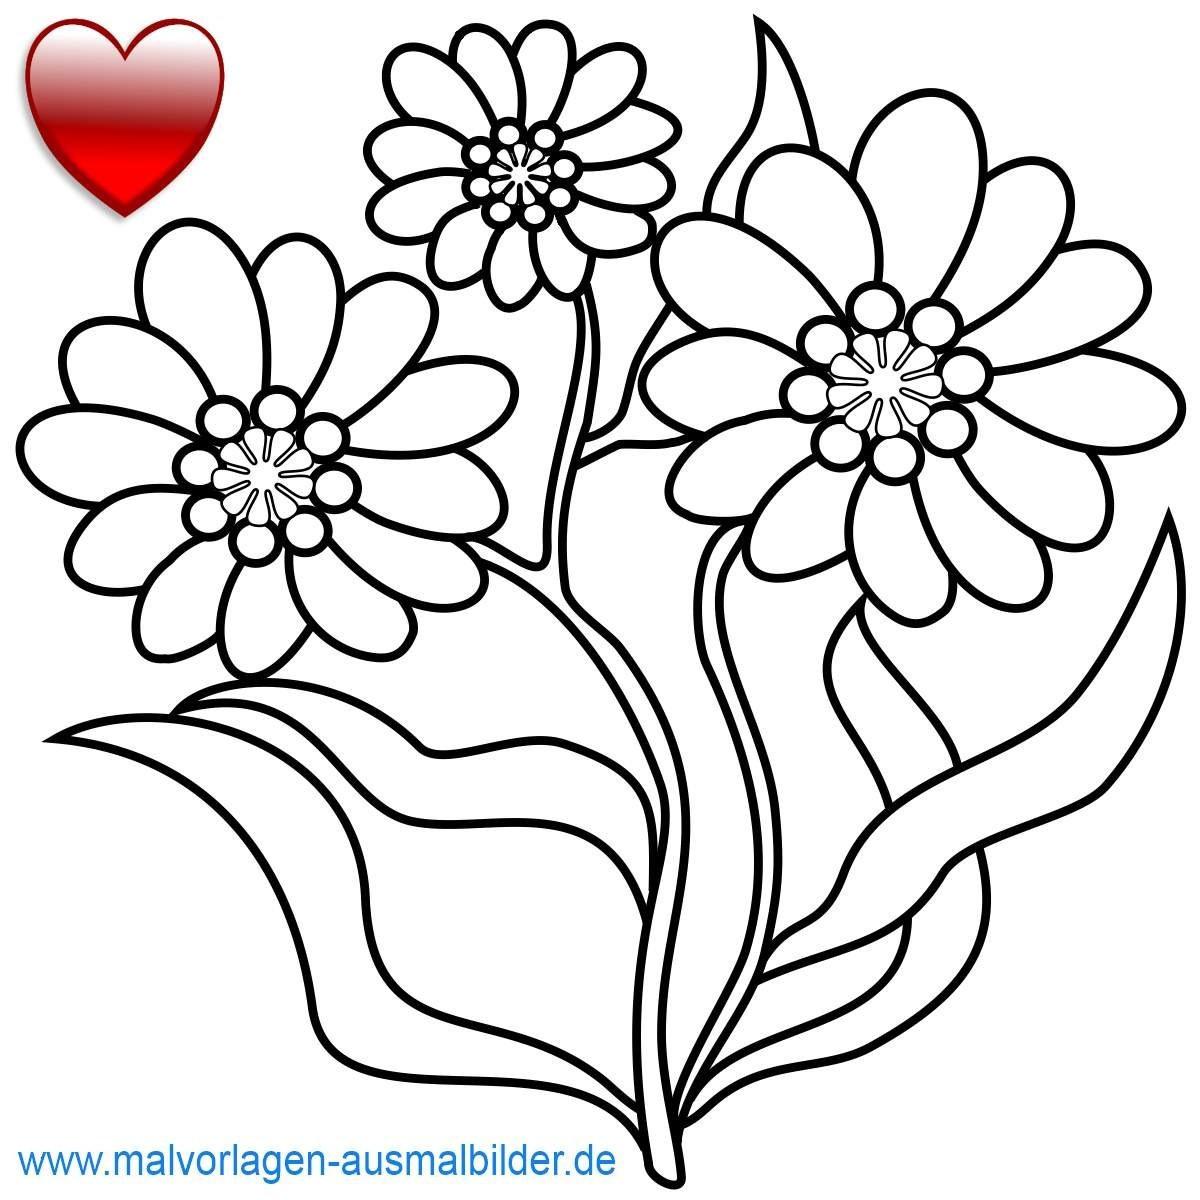 Malvorlagen Blumen Ranken Inspirierend Karte Blumen Neuestes S S Media Cache Ak0 Pinimg originals 0d F2 3a Galerie